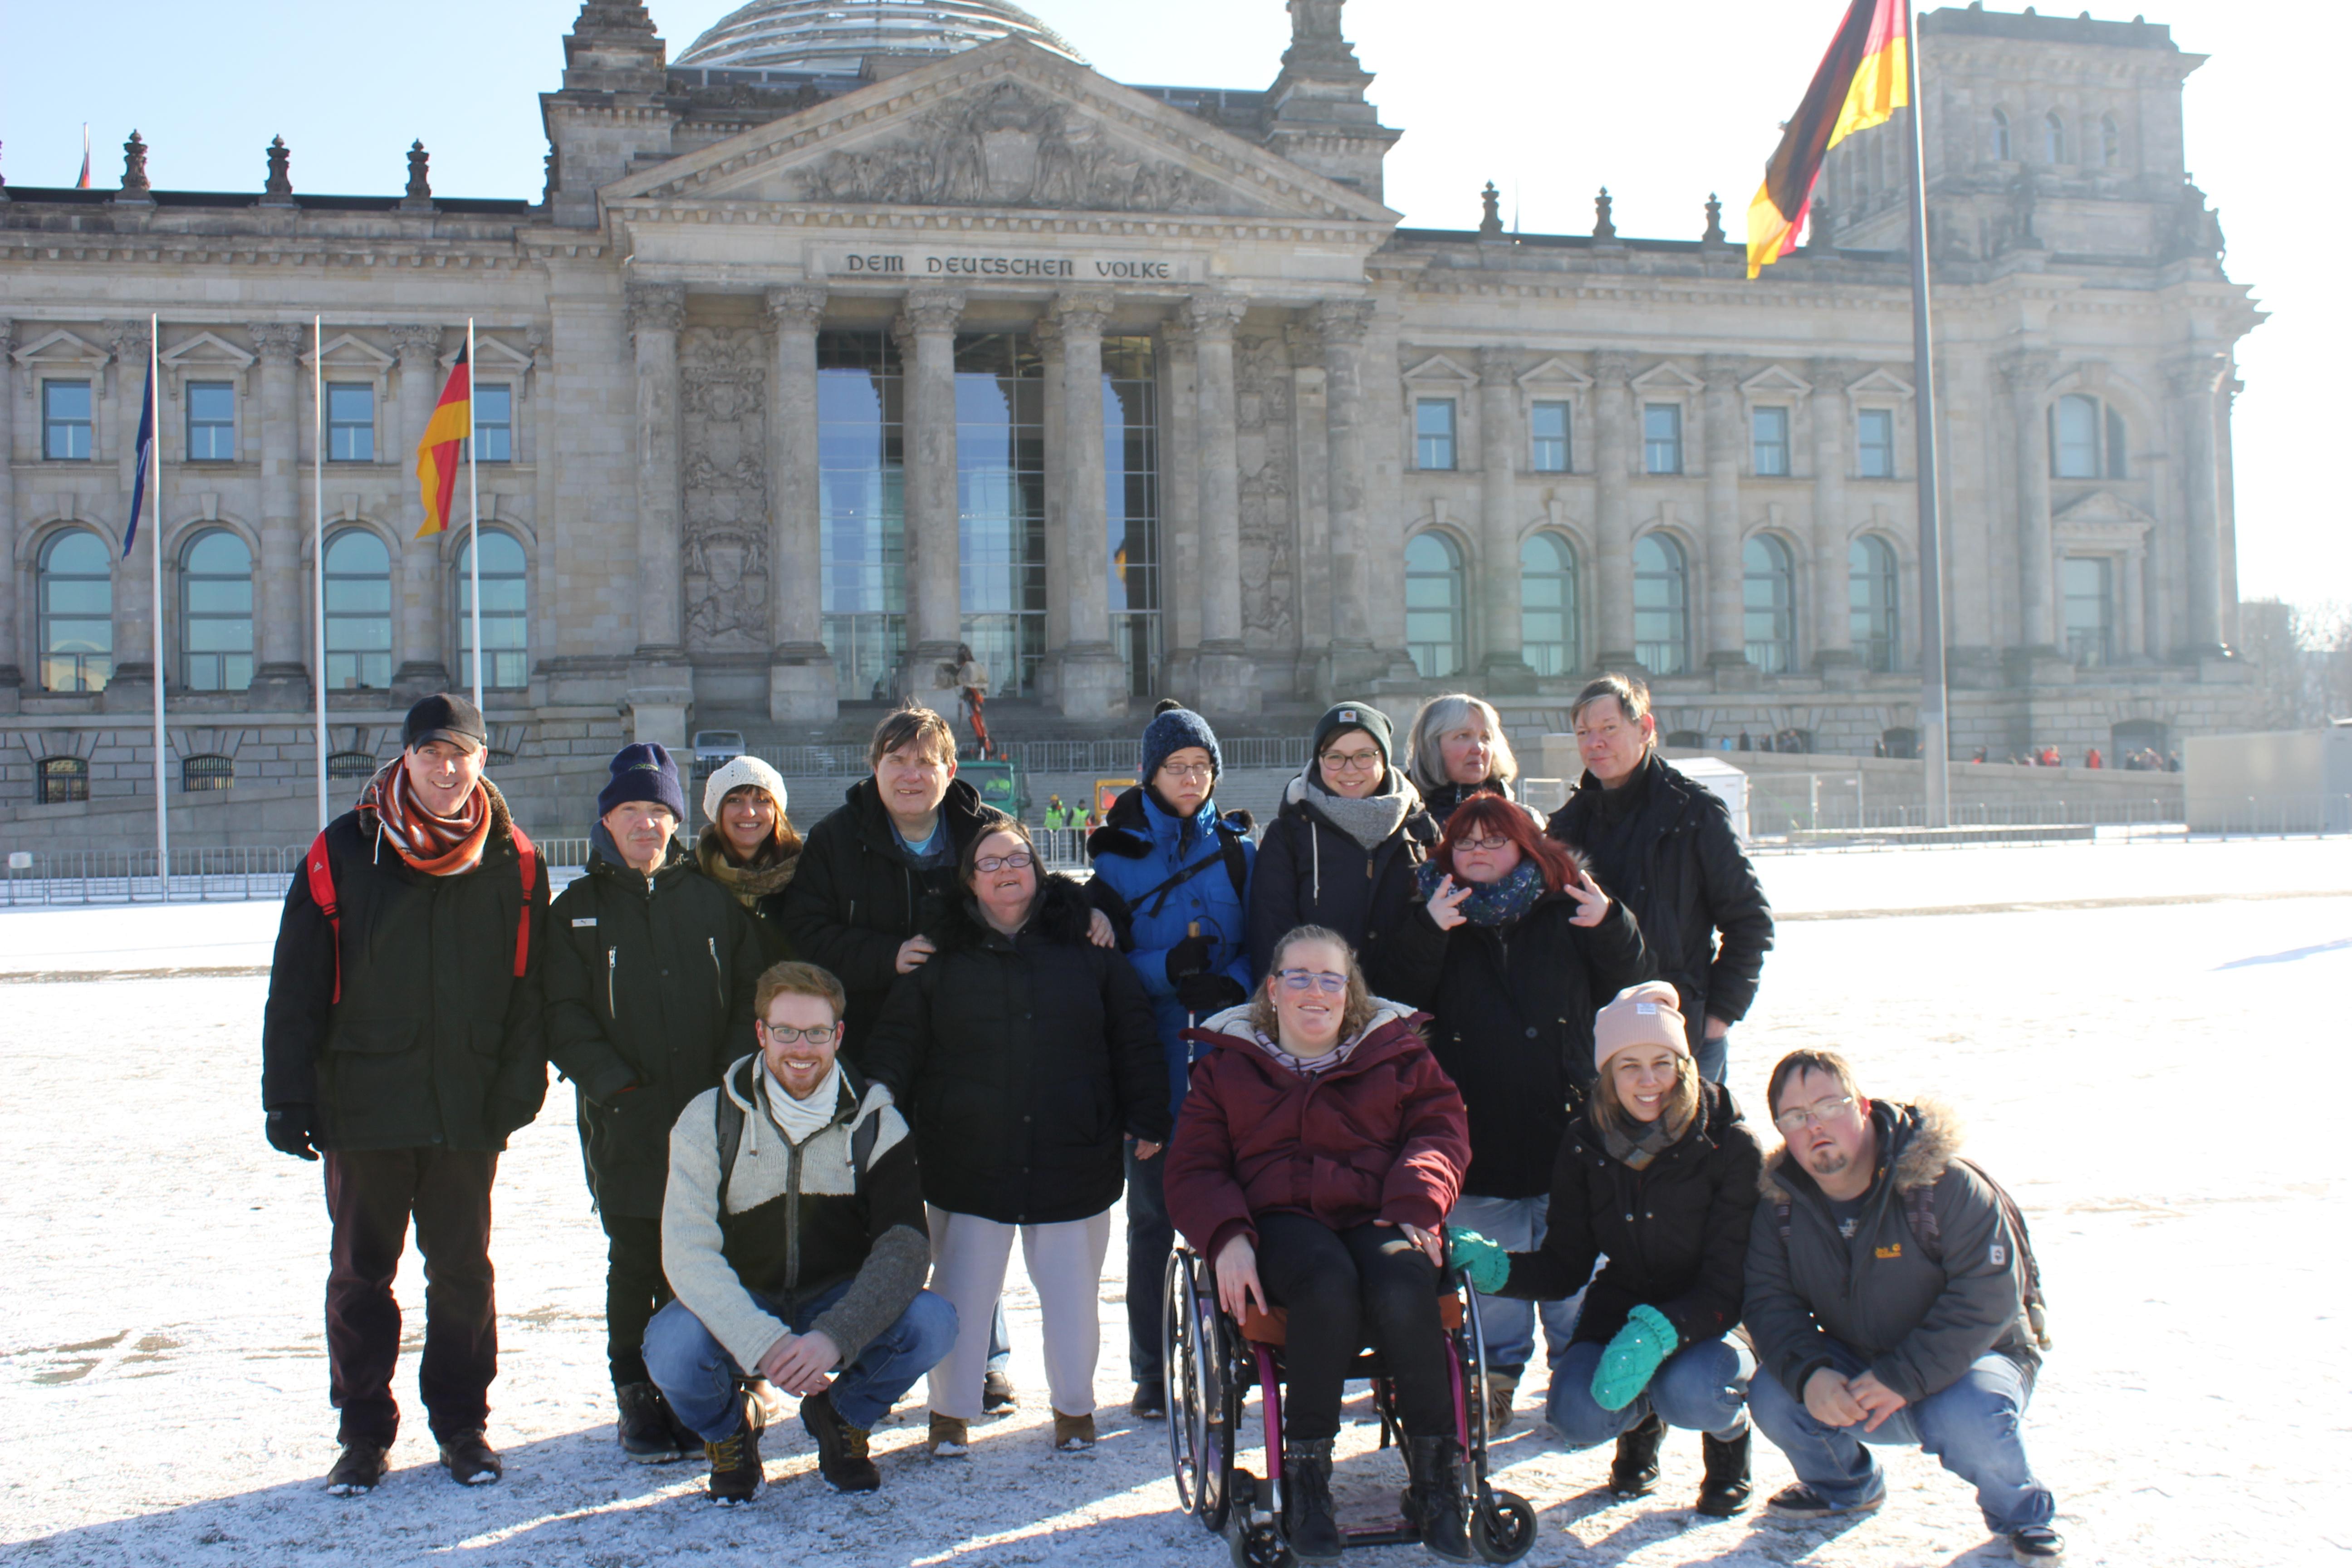 Reisegruppe vor dem Reichstagsgebäude